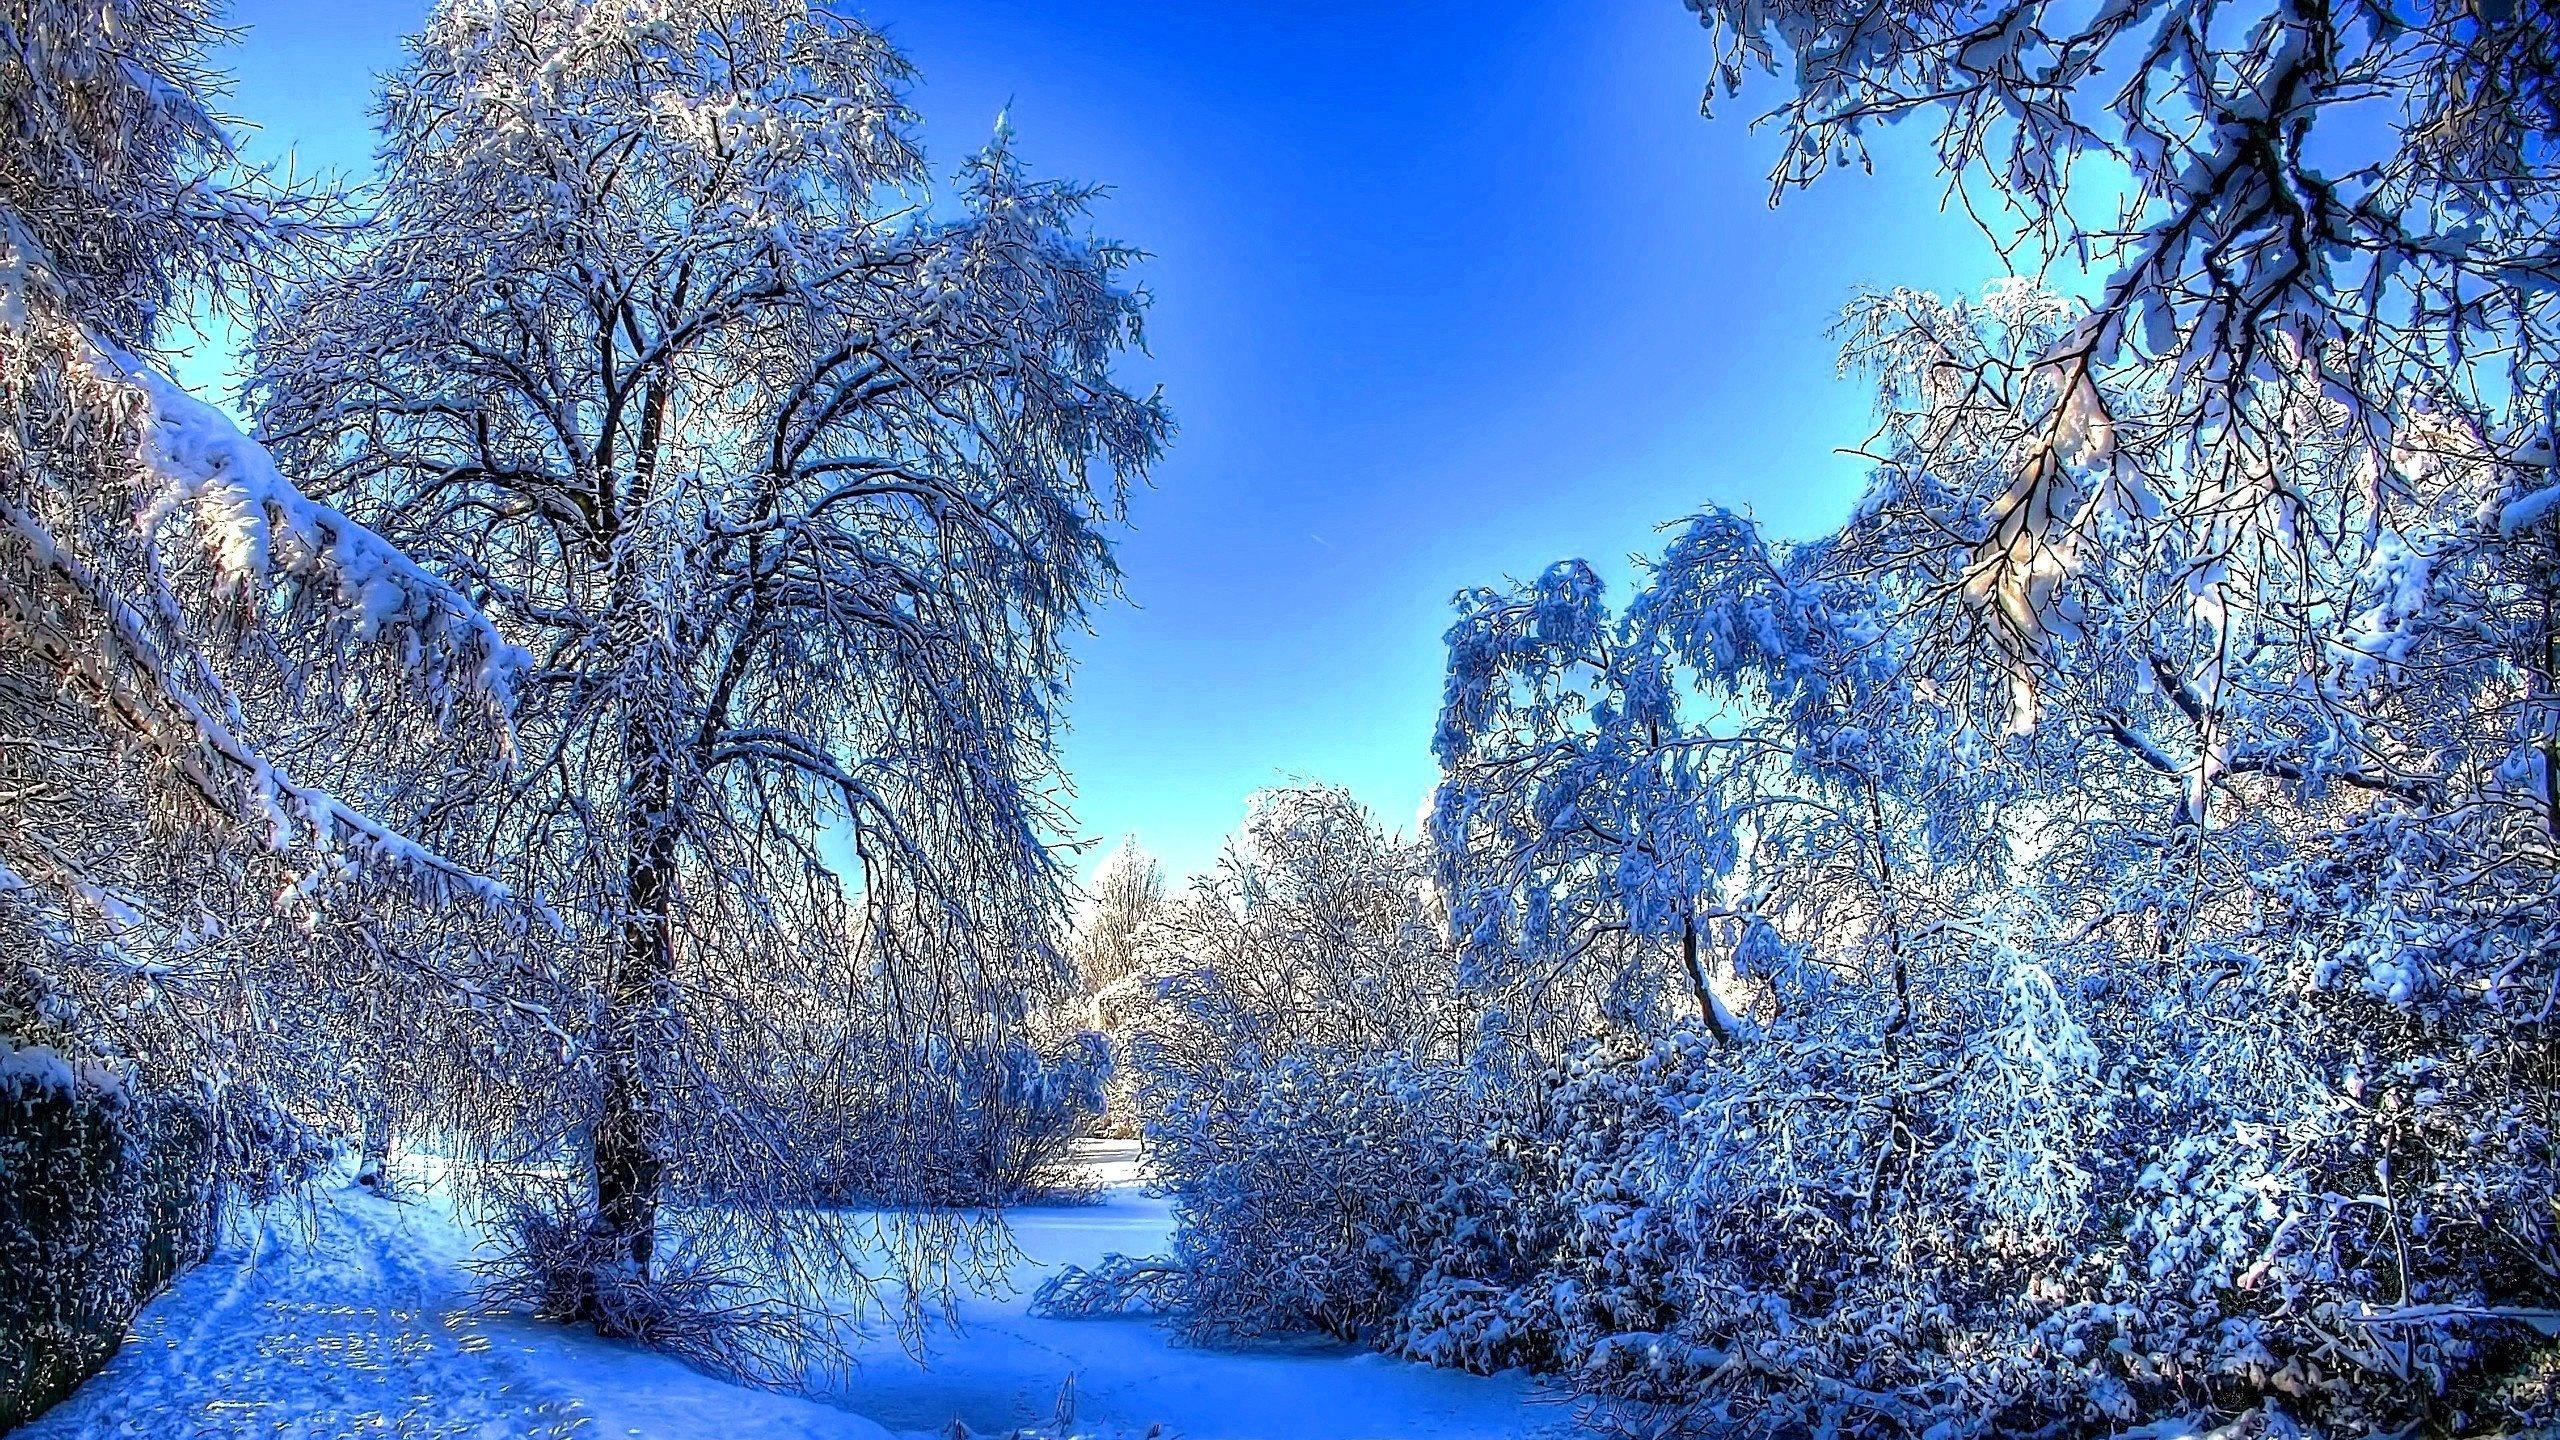 красивые зимние картинки на экран выкладываться новенький товар